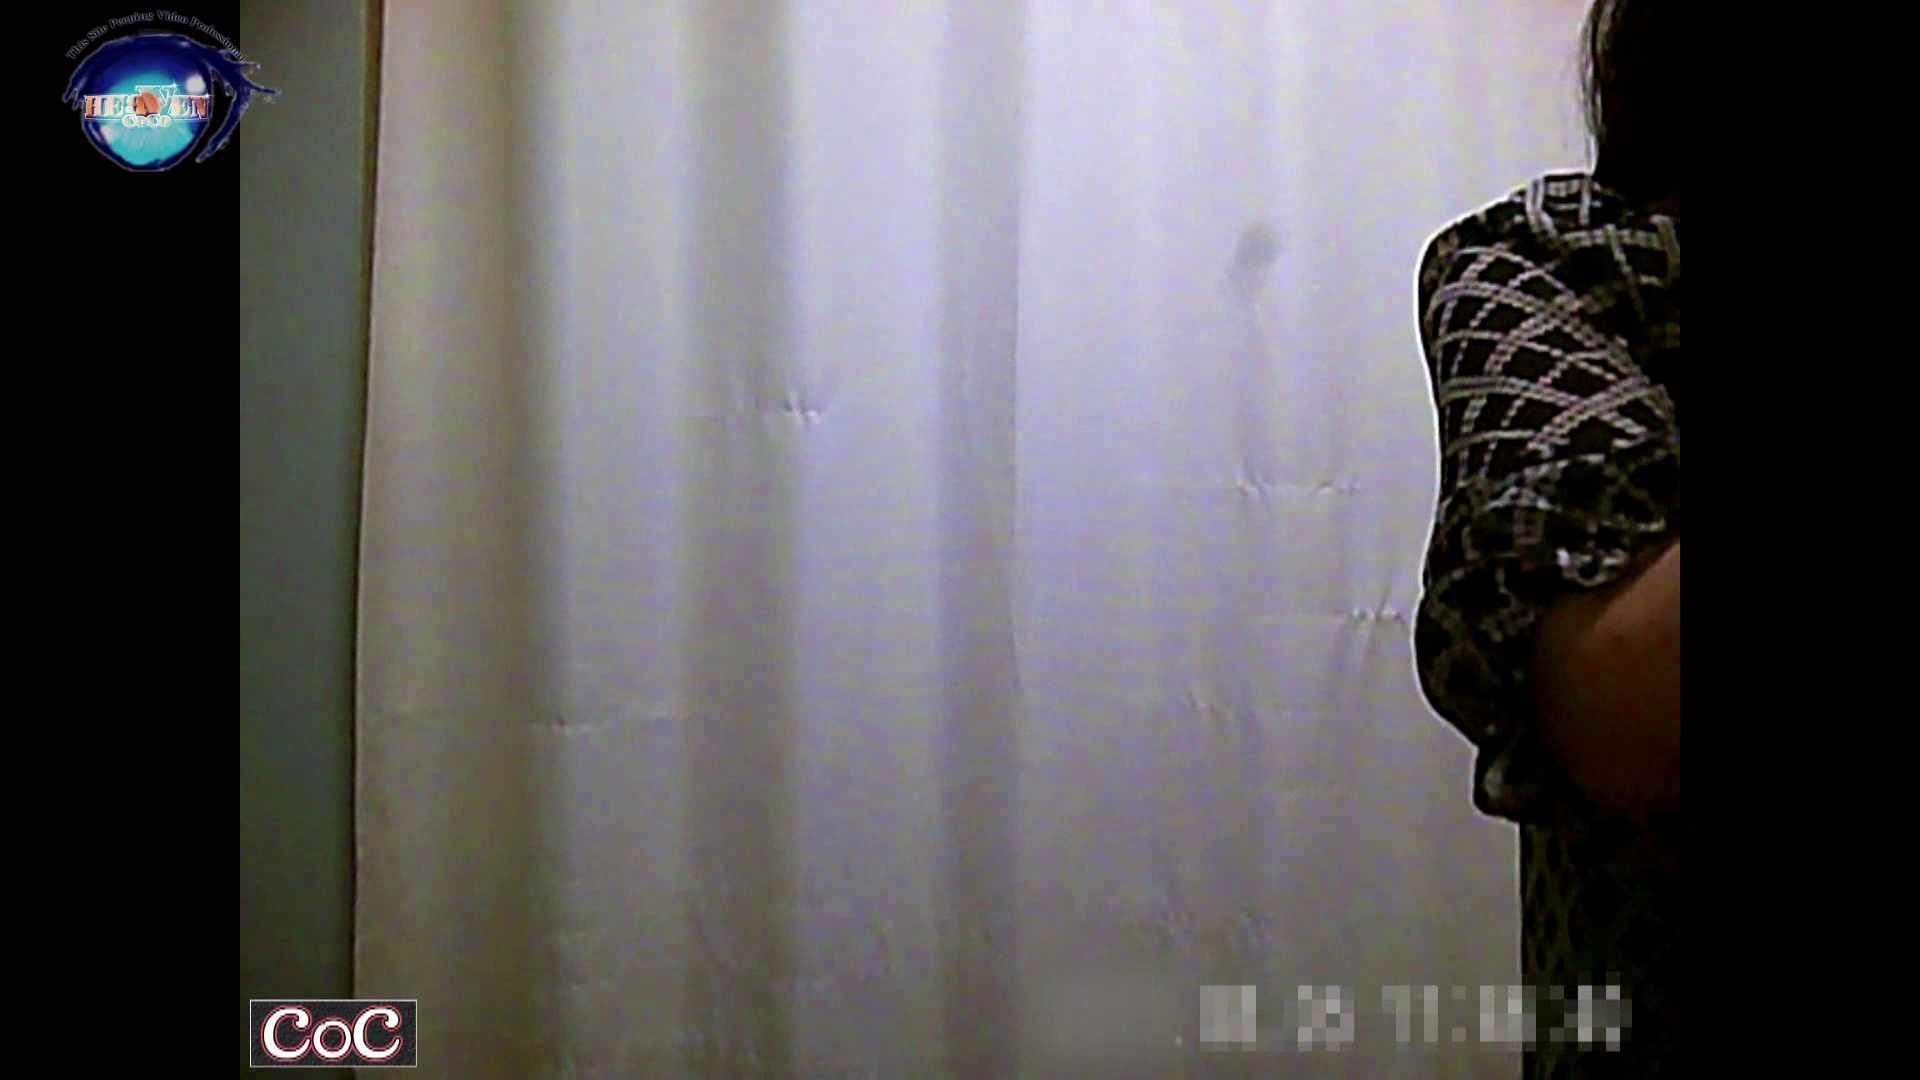 激ヤバ健康診断!着替えの一部始終.vol.12 ※本編ボカシ・目線無し 盗撮師作品 おめこ無修正画像 91pic 39